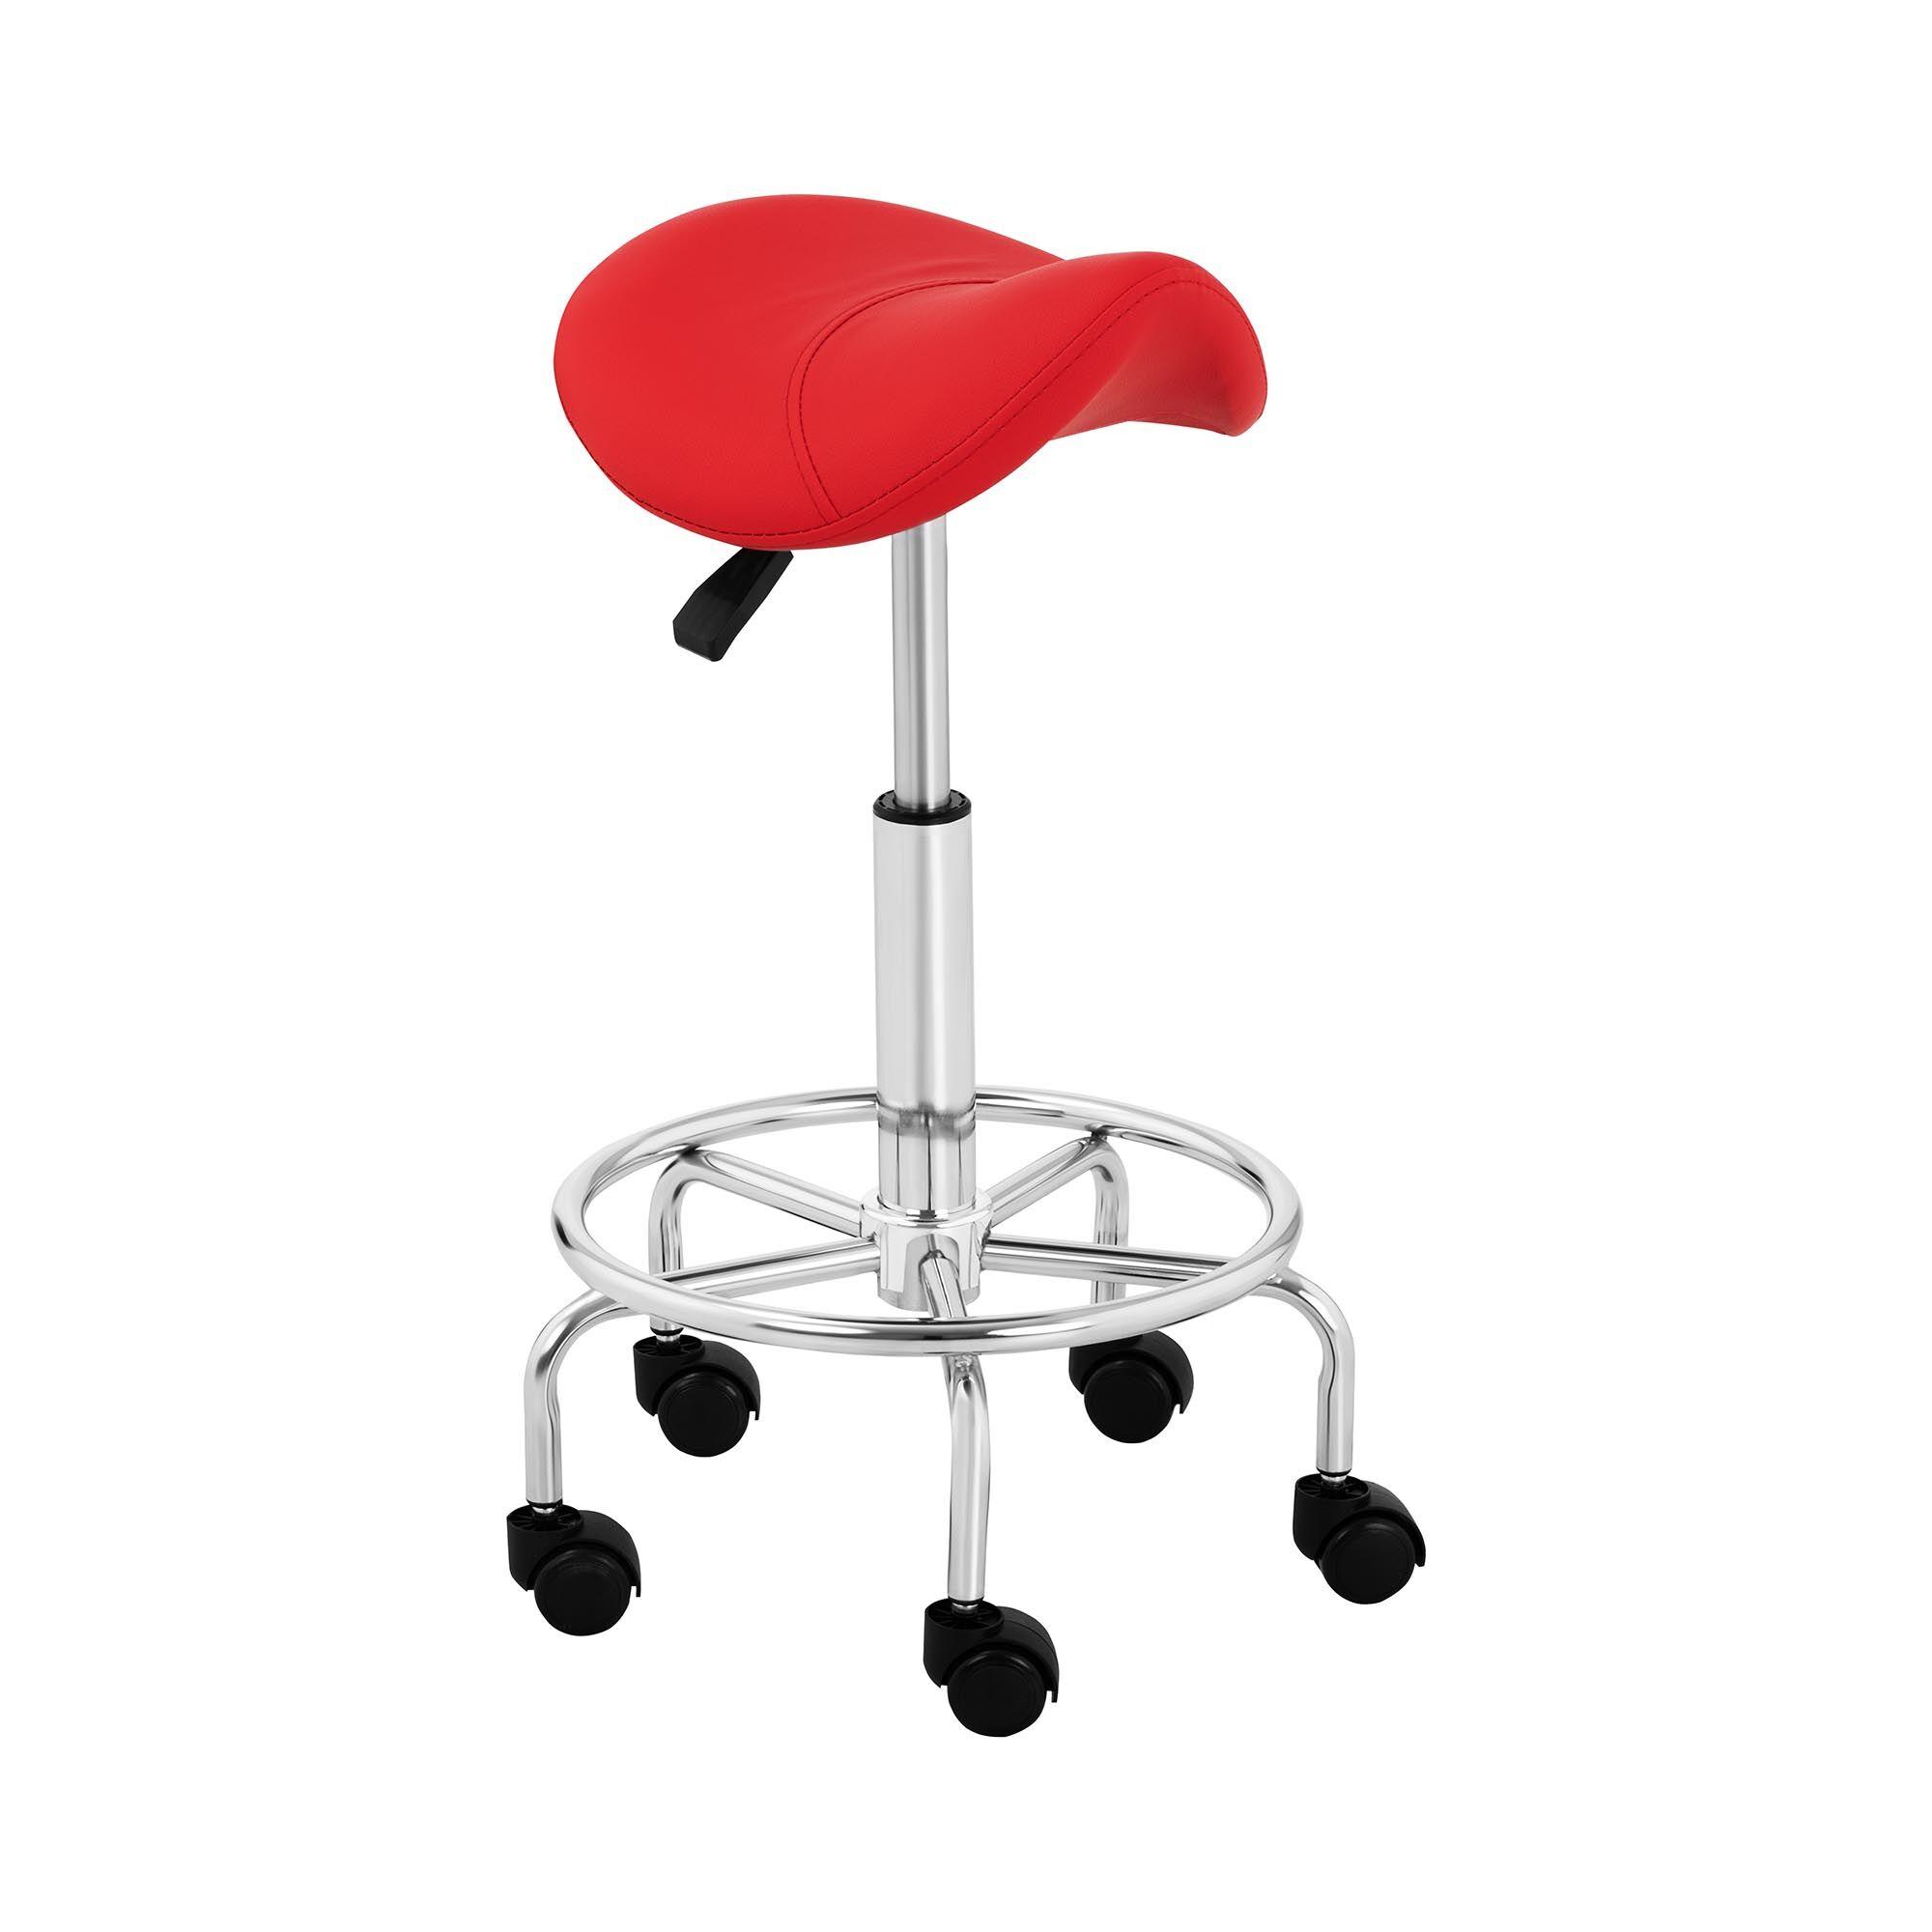 physa Sgabello per estetiste e parrucchieri - Con rotelle e sella di cavallo - FRANKFURT RED